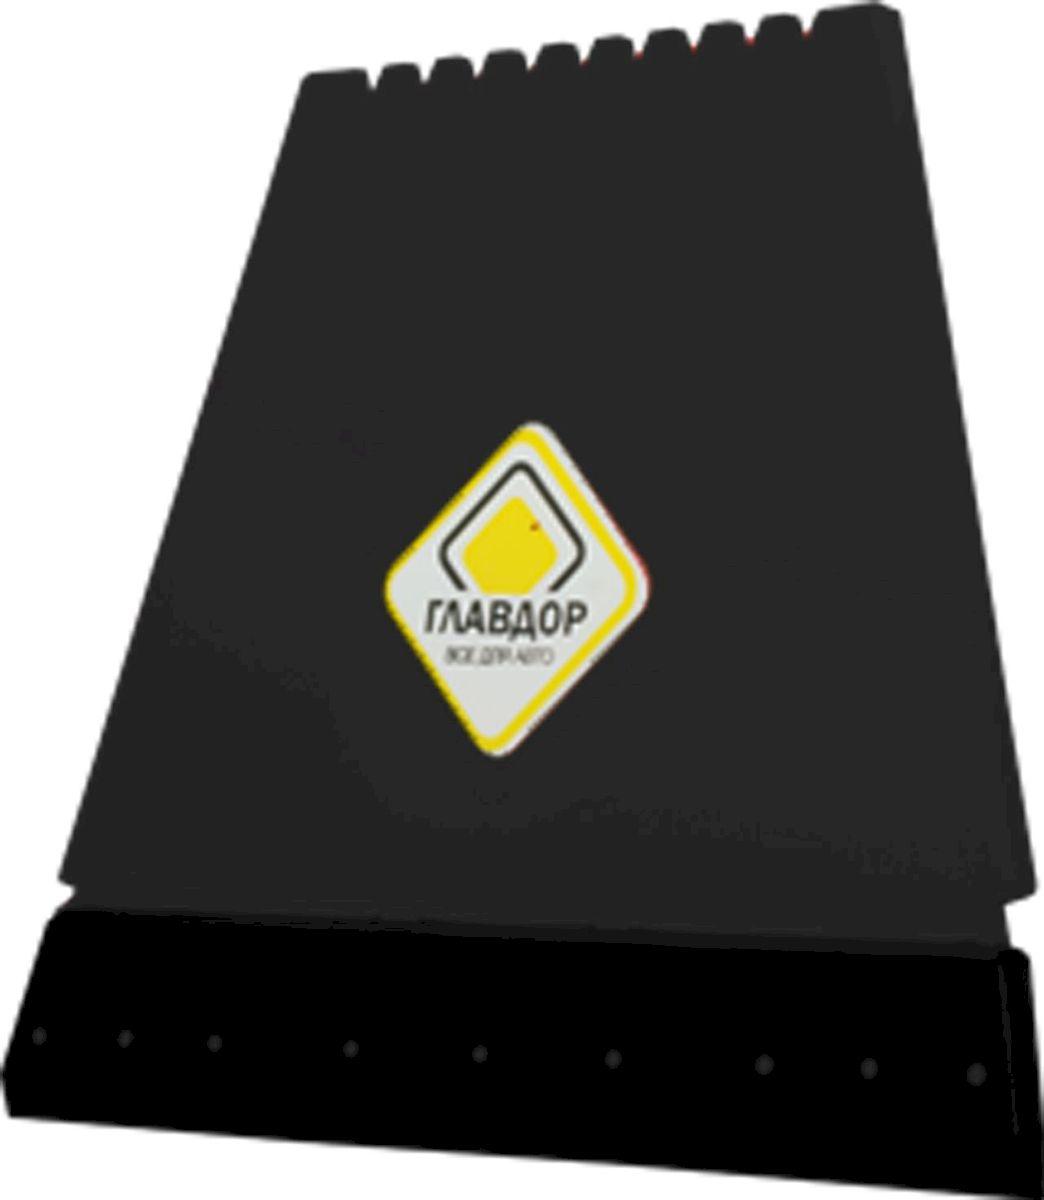 Скребок Главдор, четырехсторонний, цвет: черныйGL-508Продуманный до мелочей скребок для льда и сгона воды, в котором задействованы все четыре стороны для более эффективного удаление нежелательной наледи с поверхности автомобиля. Имеет два тонких лезвия по бокам, резиновый сгон и разрыхлитель наледи. Удобно лежит в руке, а хранение не занимает много места.